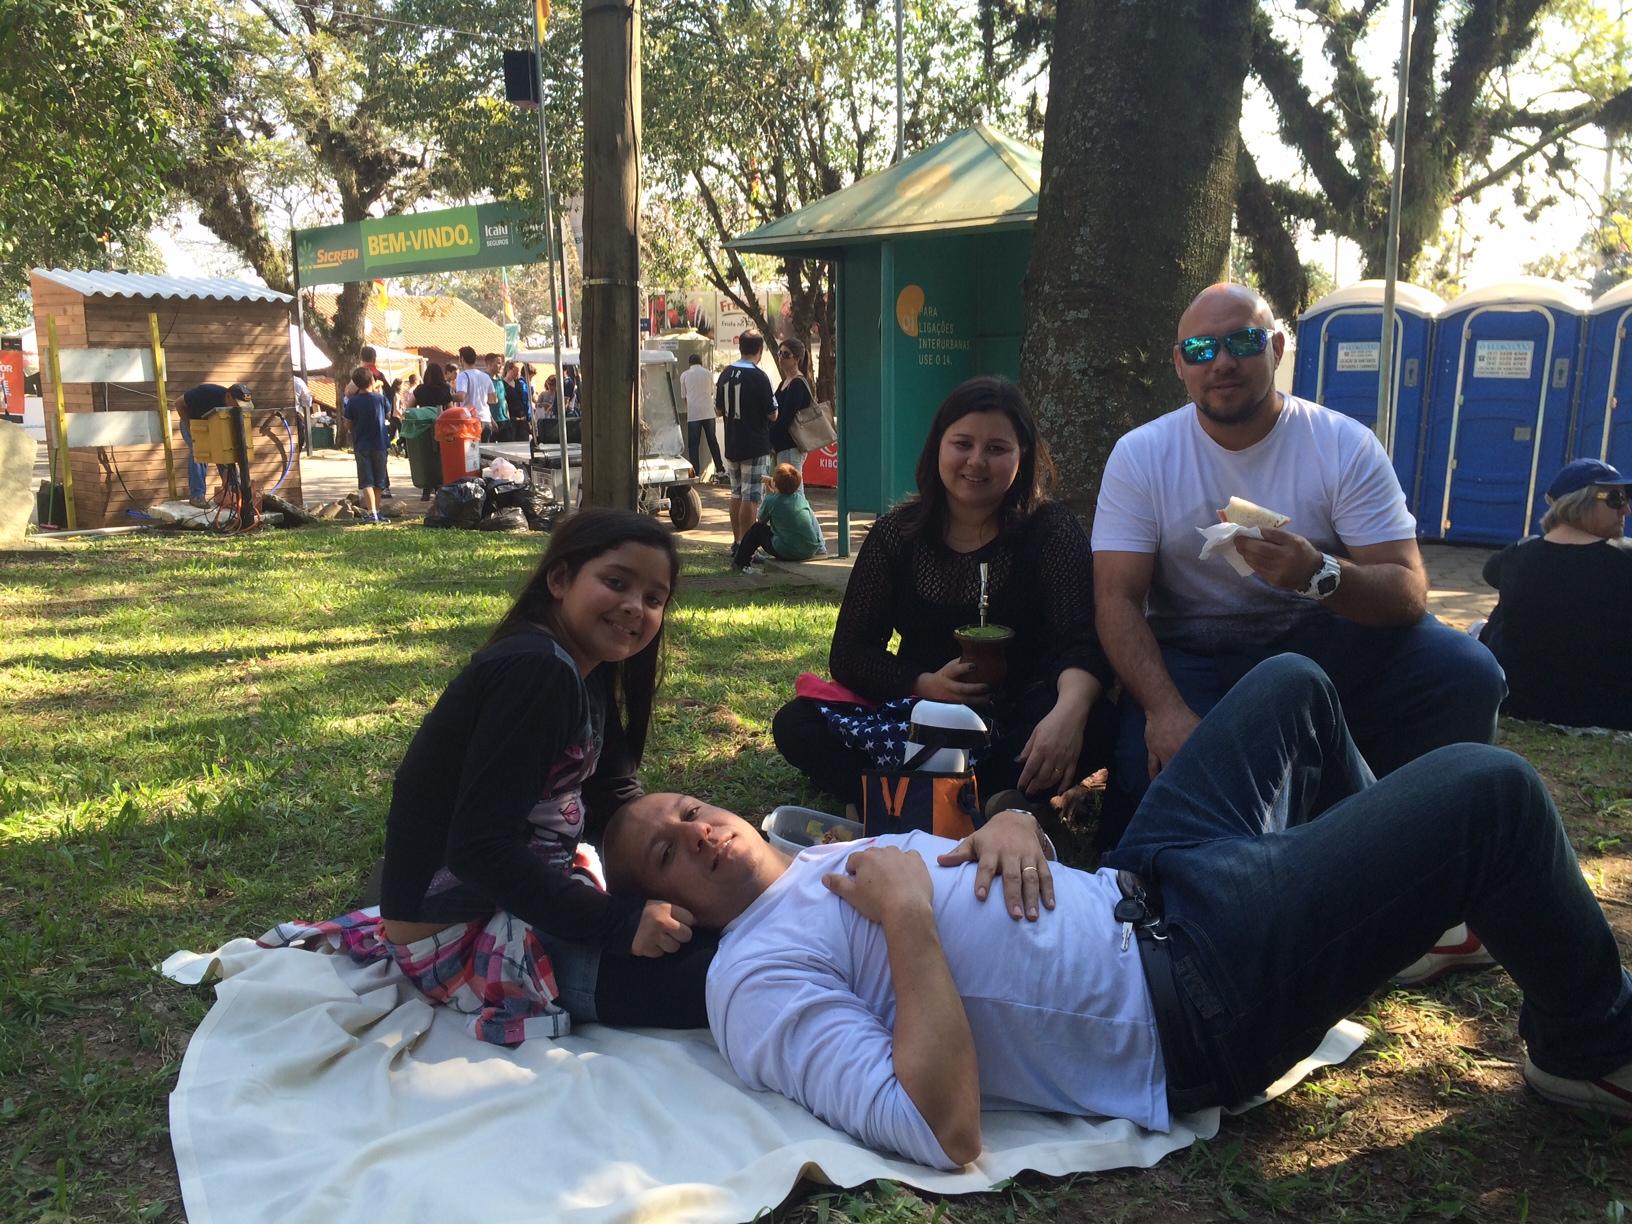 """""""O dia esta maravilhoso. Aproveitamos pra comer e sentar em meio as árvores. Costumamos vir todo ano"""", disse o administrador Tony Ferrer Andrades, 31 anos, de Porto Alegre."""